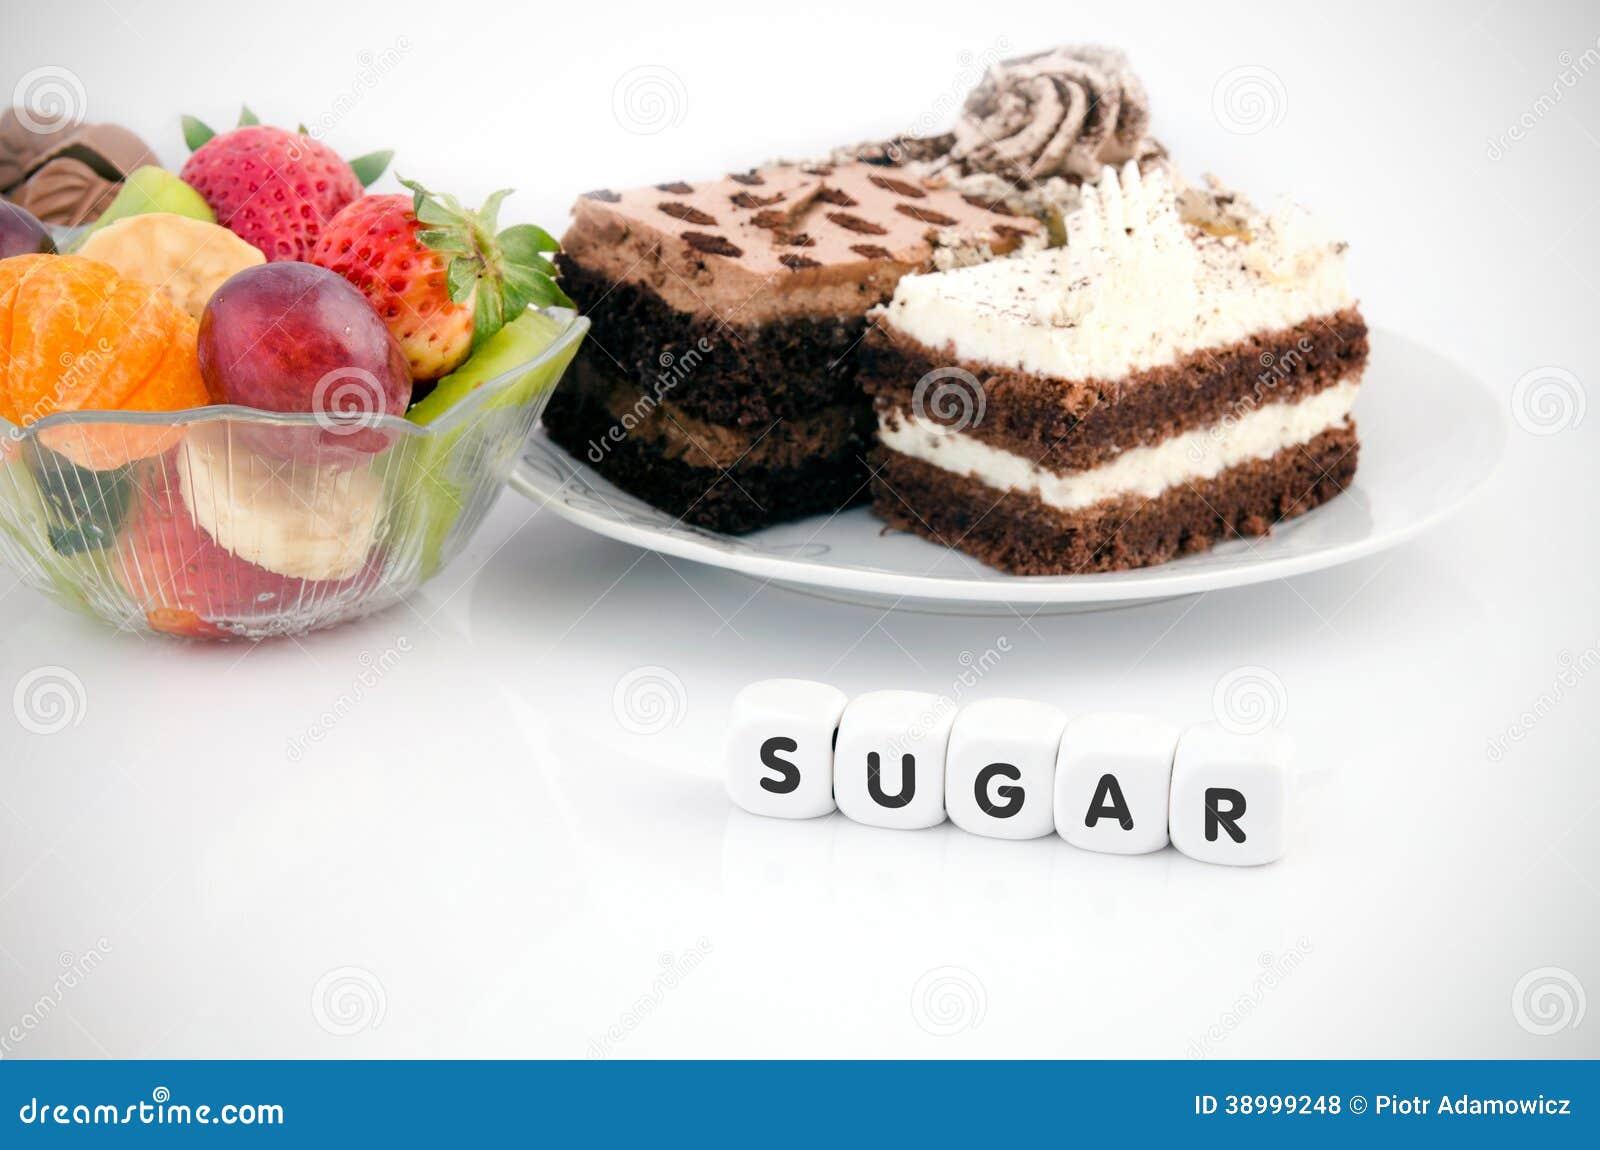 糖词切成小方块。蛋糕和果子在背景中